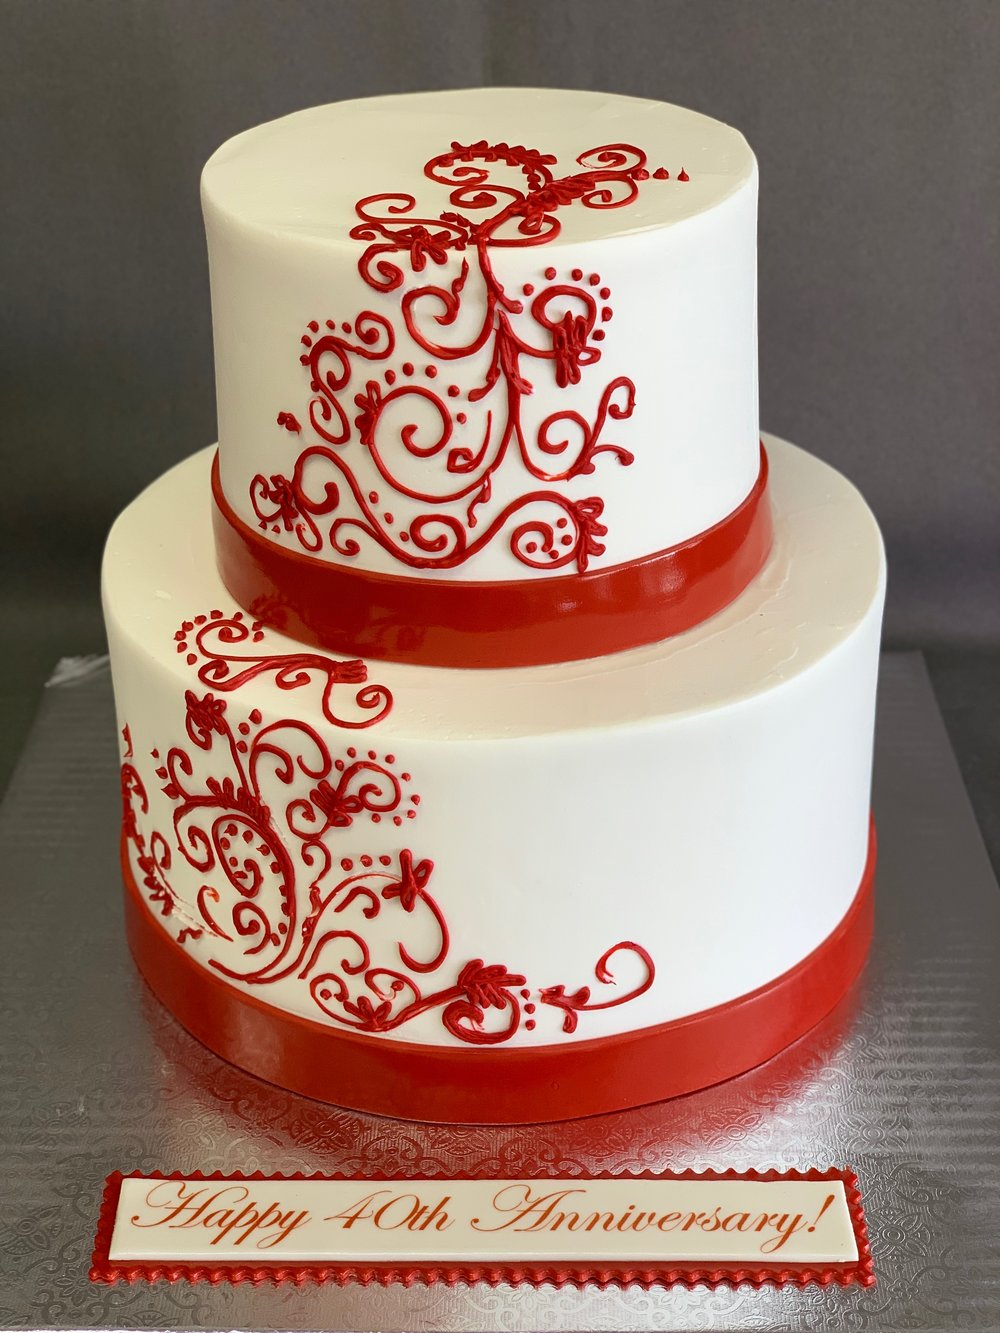 Best 40th Anniversary Cake